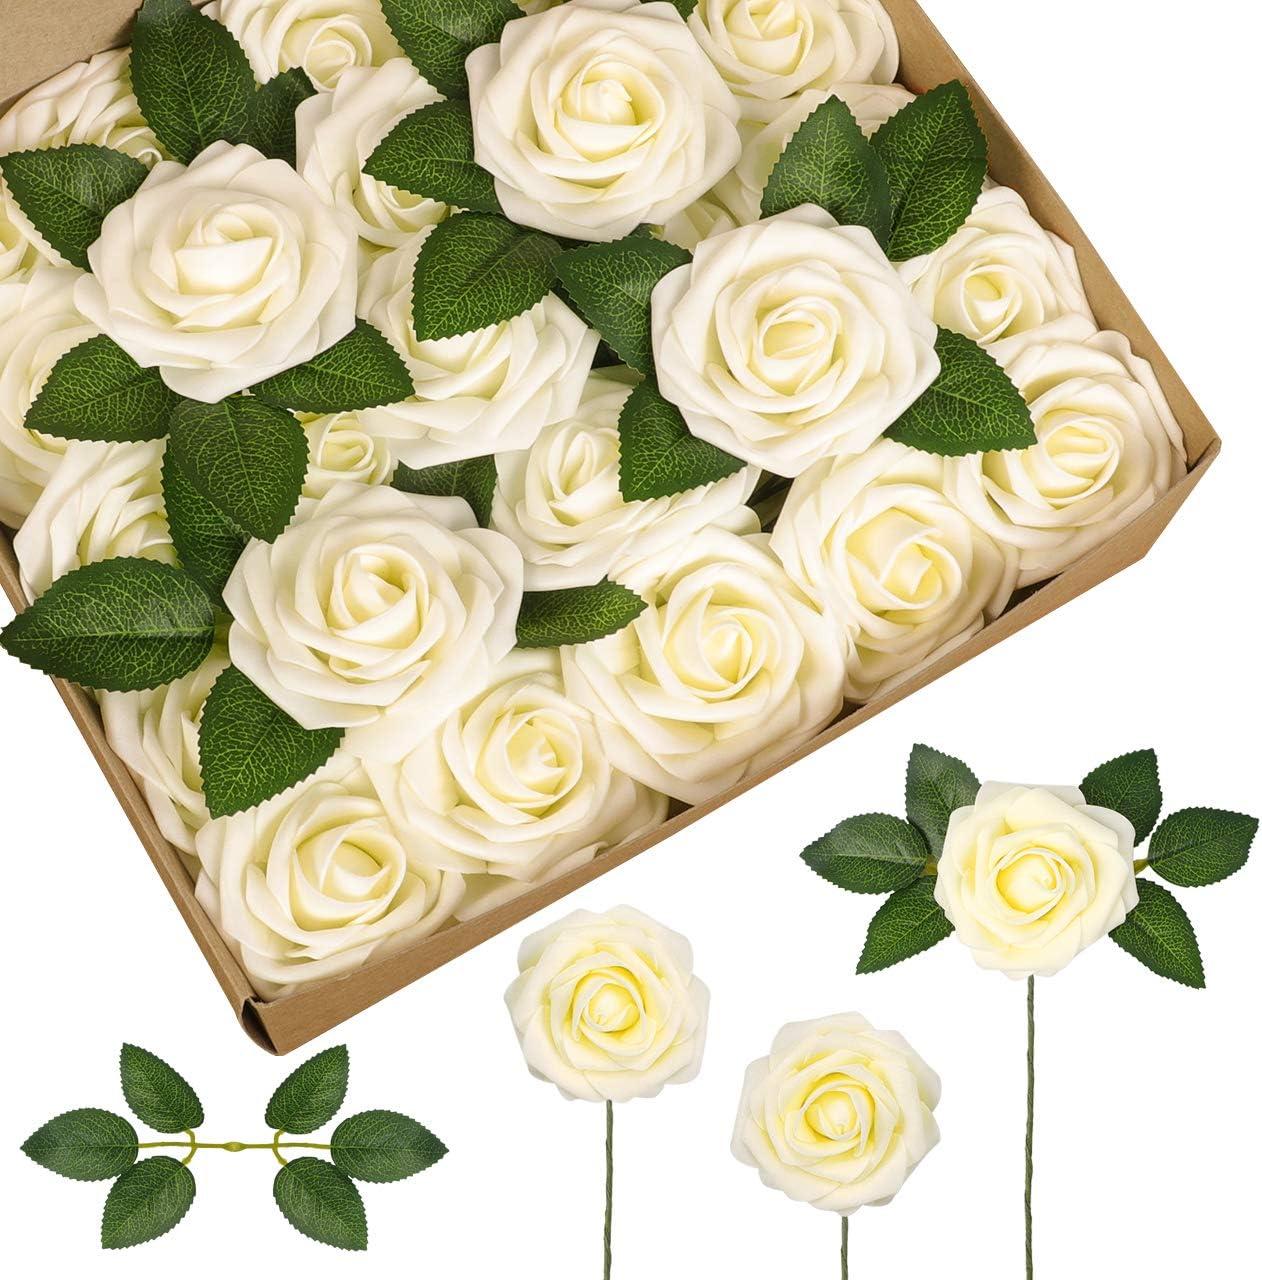 Flores artificiales de espuma de latex. Pack de 50 (rosas b)